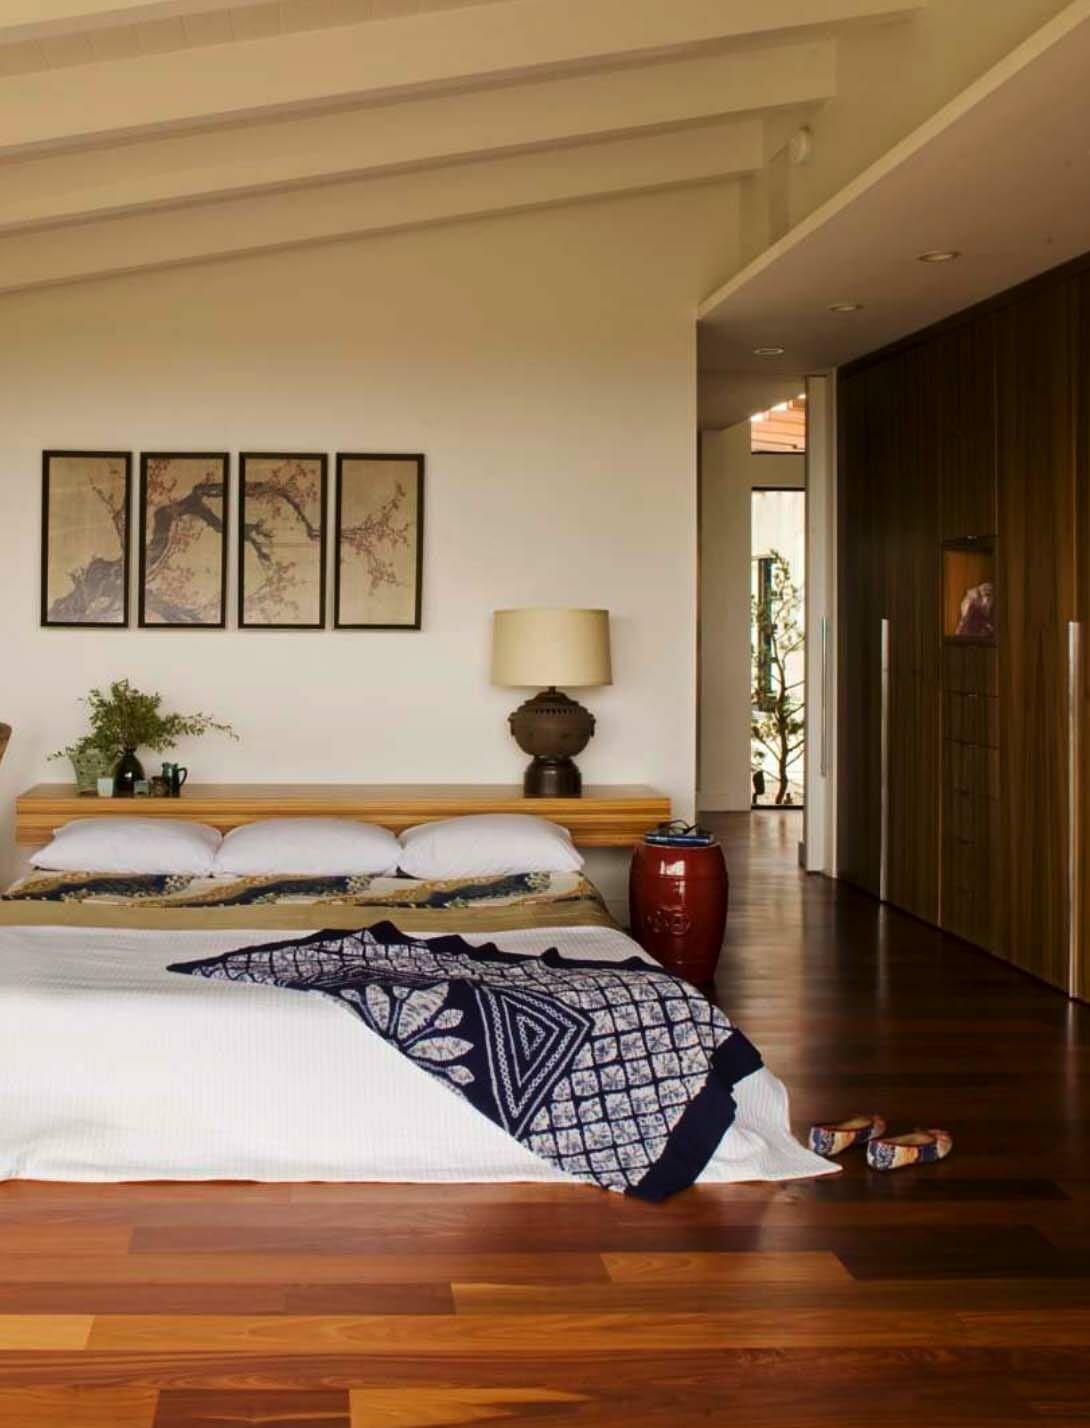 19 mẫu phòng ngủ hài hòa và thư thái theo phong cách Zen - Ảnh 18.